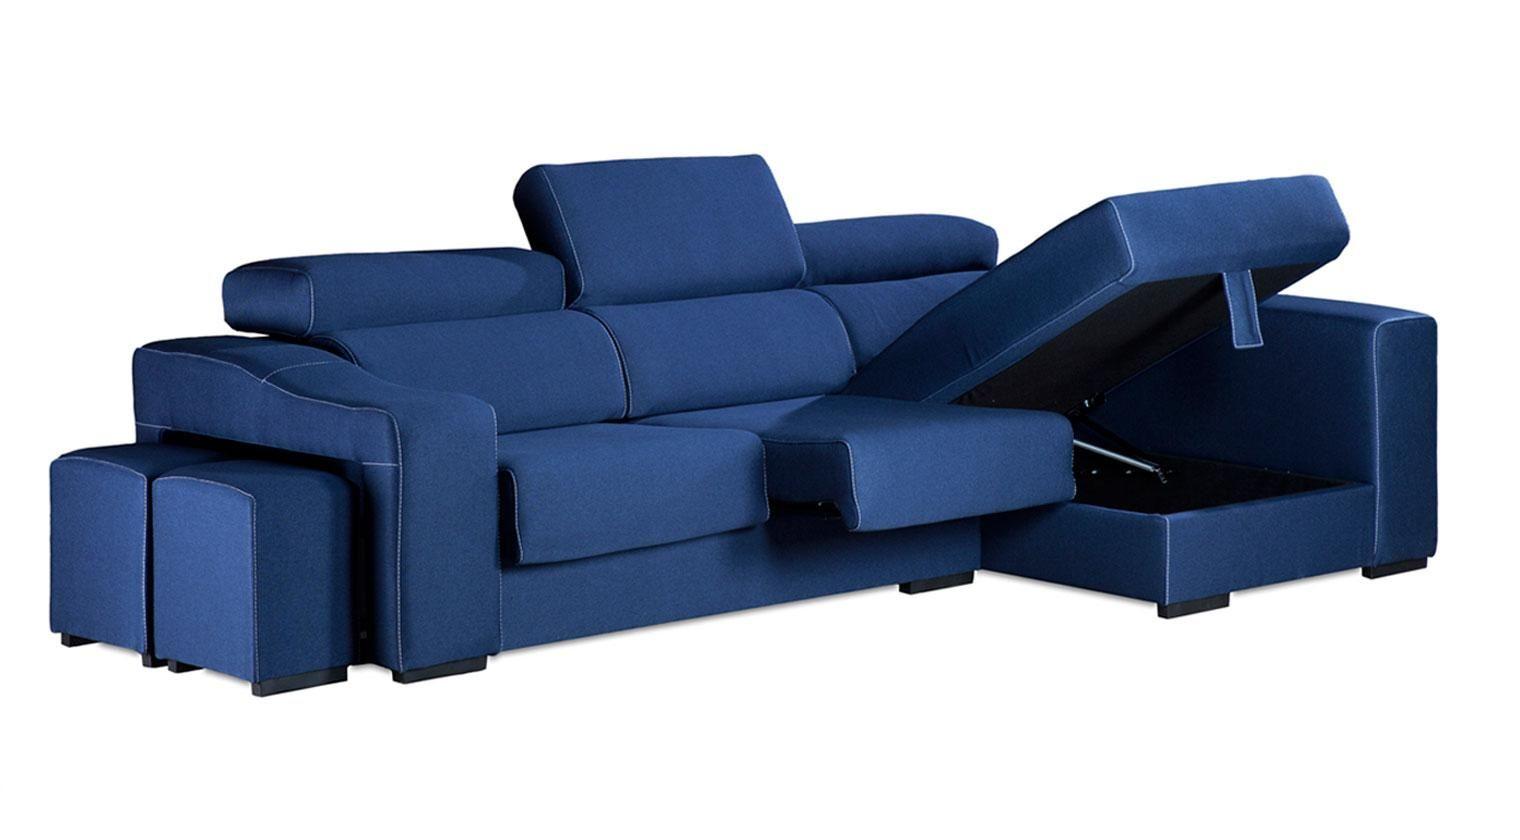 Comprar Chaise Longue Bilbo Mod 4 5 Plazas Chaise Longue Tela